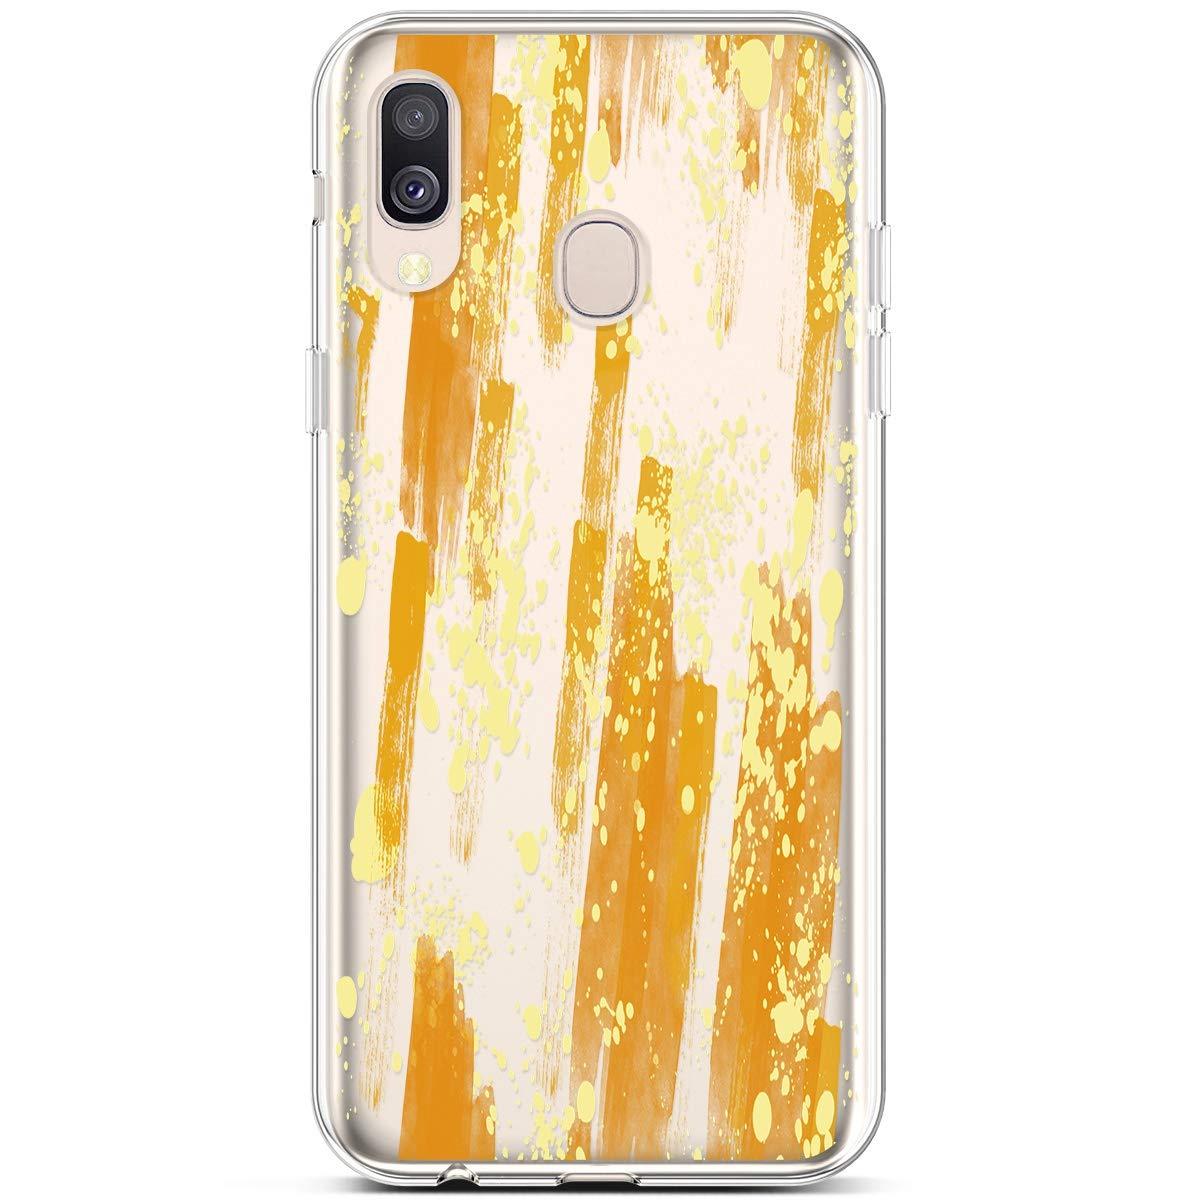 QPOLLY Compatible avec Coque Samsung Galaxy A40 Transparente Ultra Mince Silicone Housse Étui de Protection Clair Design avec Motif Imprimé [Exact Fit] TPU Souple Flex Case Anti-Choc Cover,Feuilles B